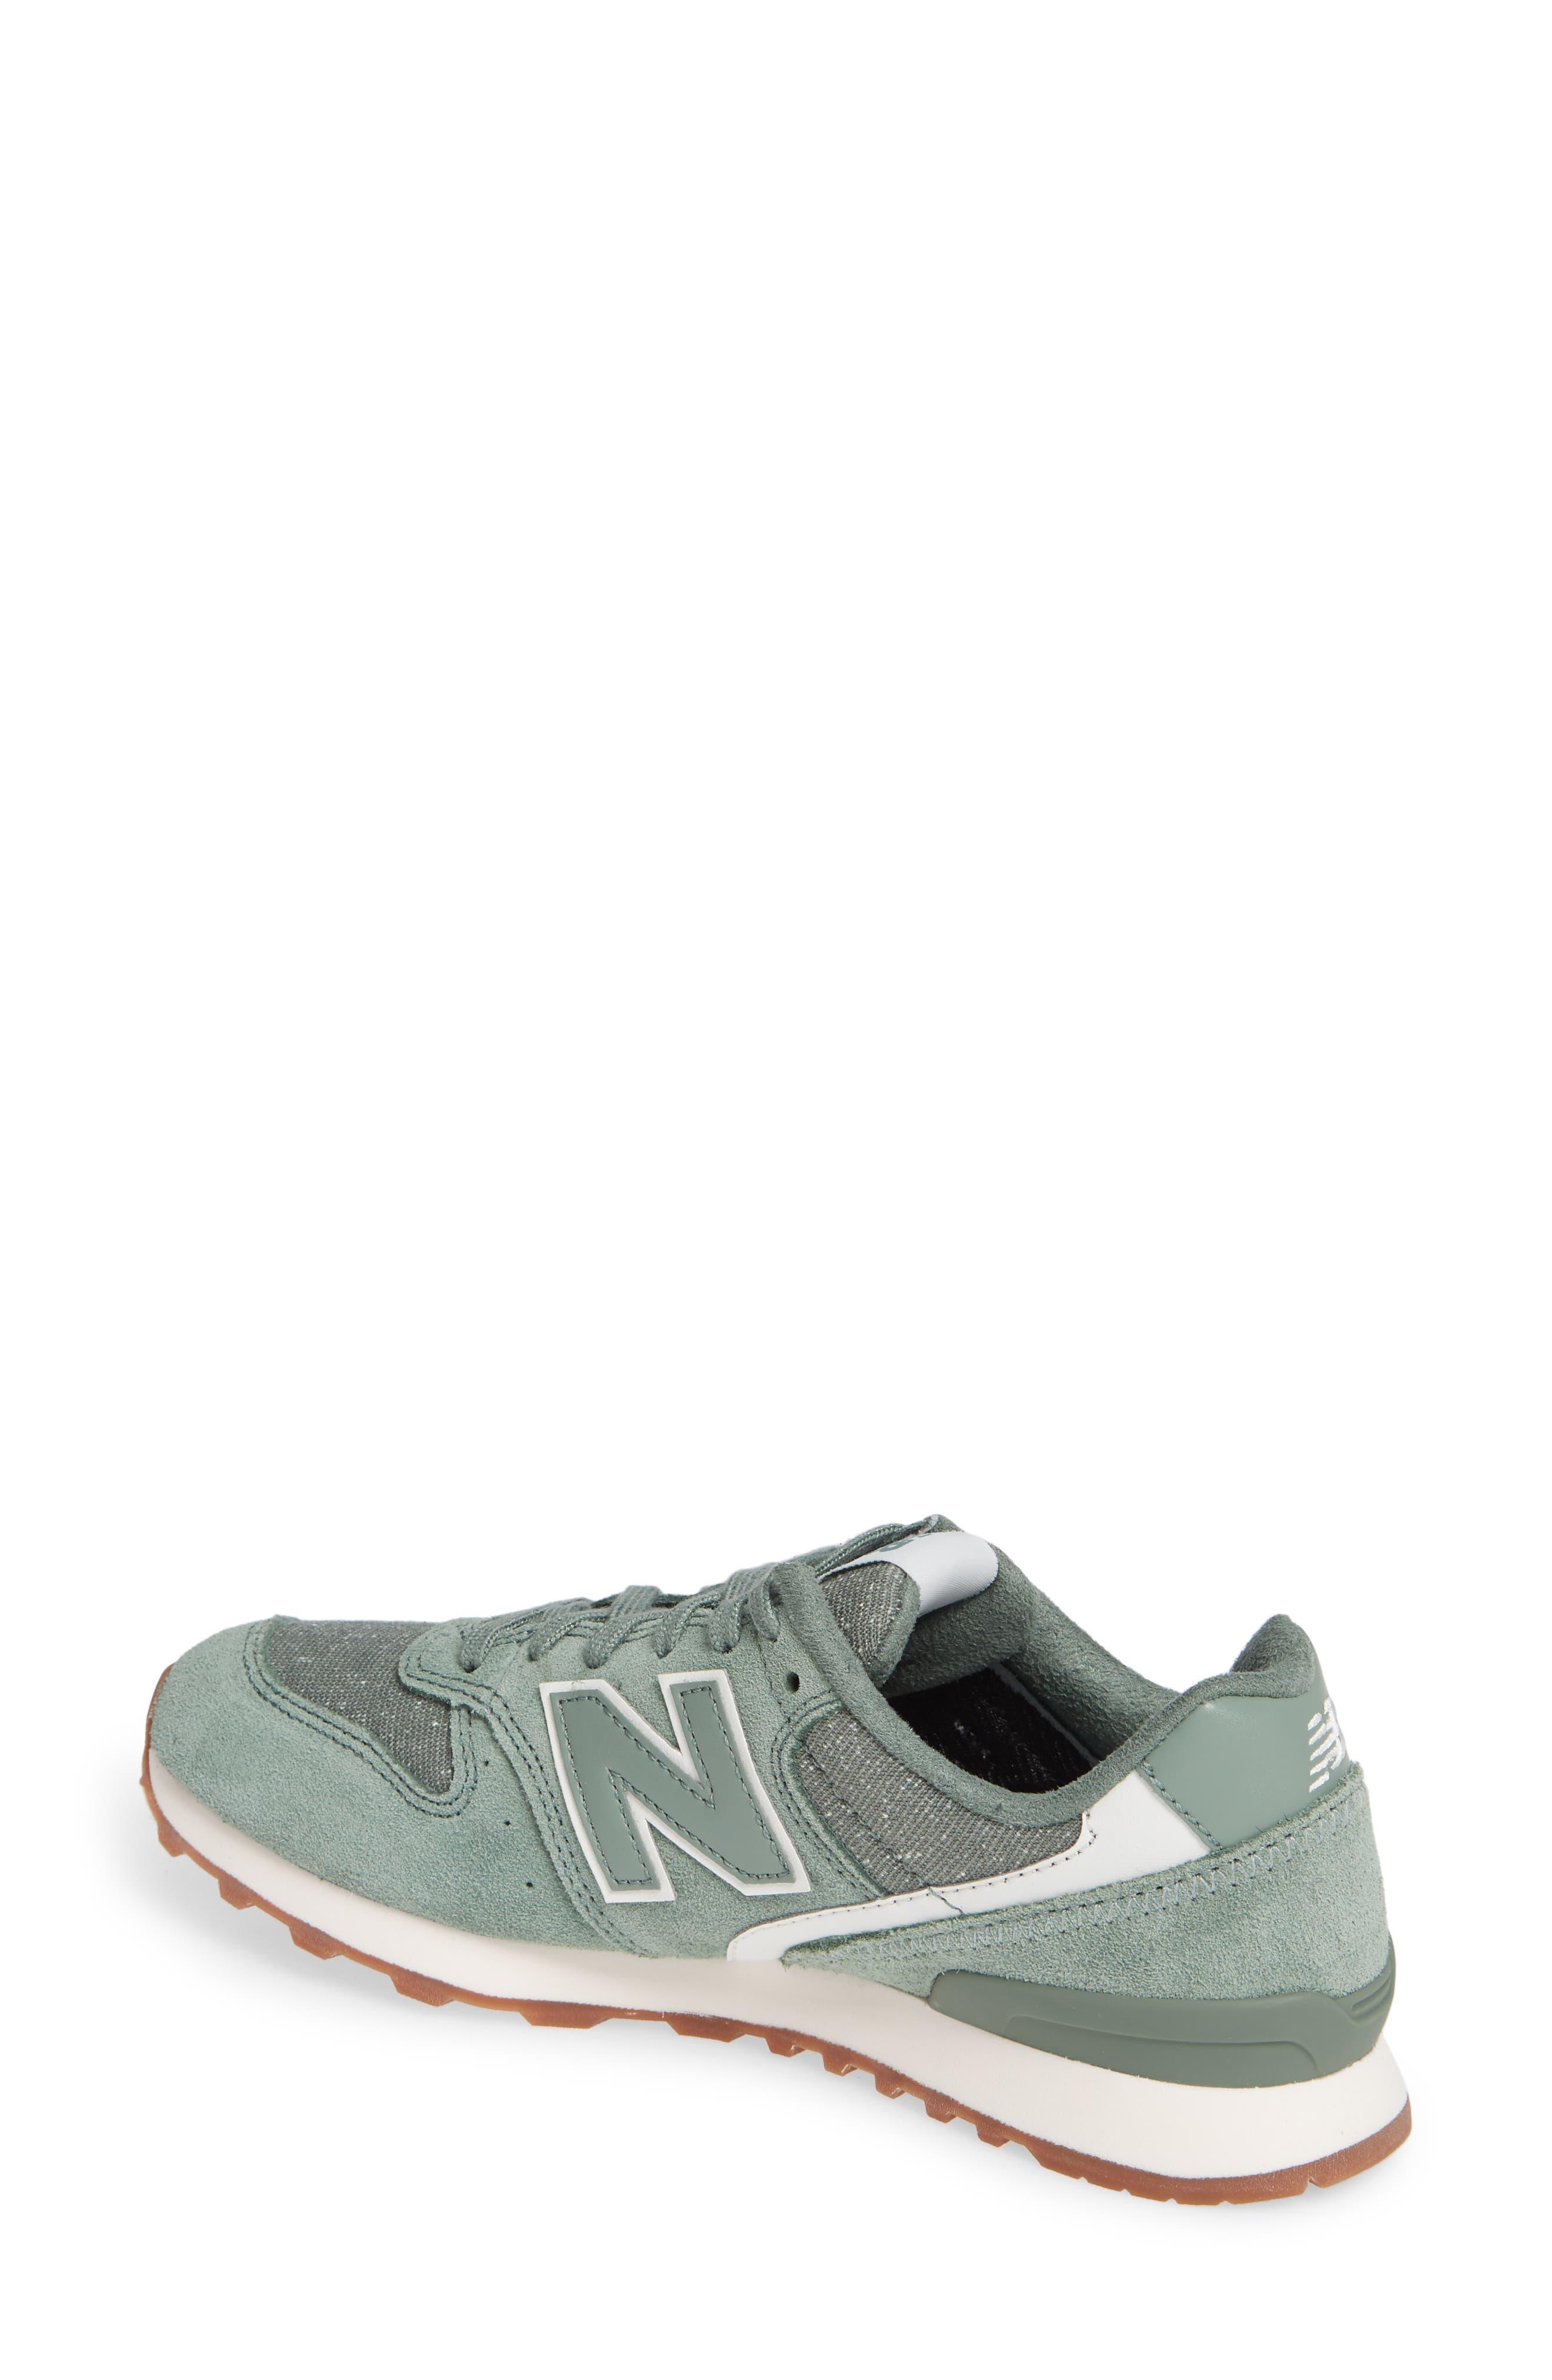 696 Sneaker,                             Alternate thumbnail 2, color,                             300